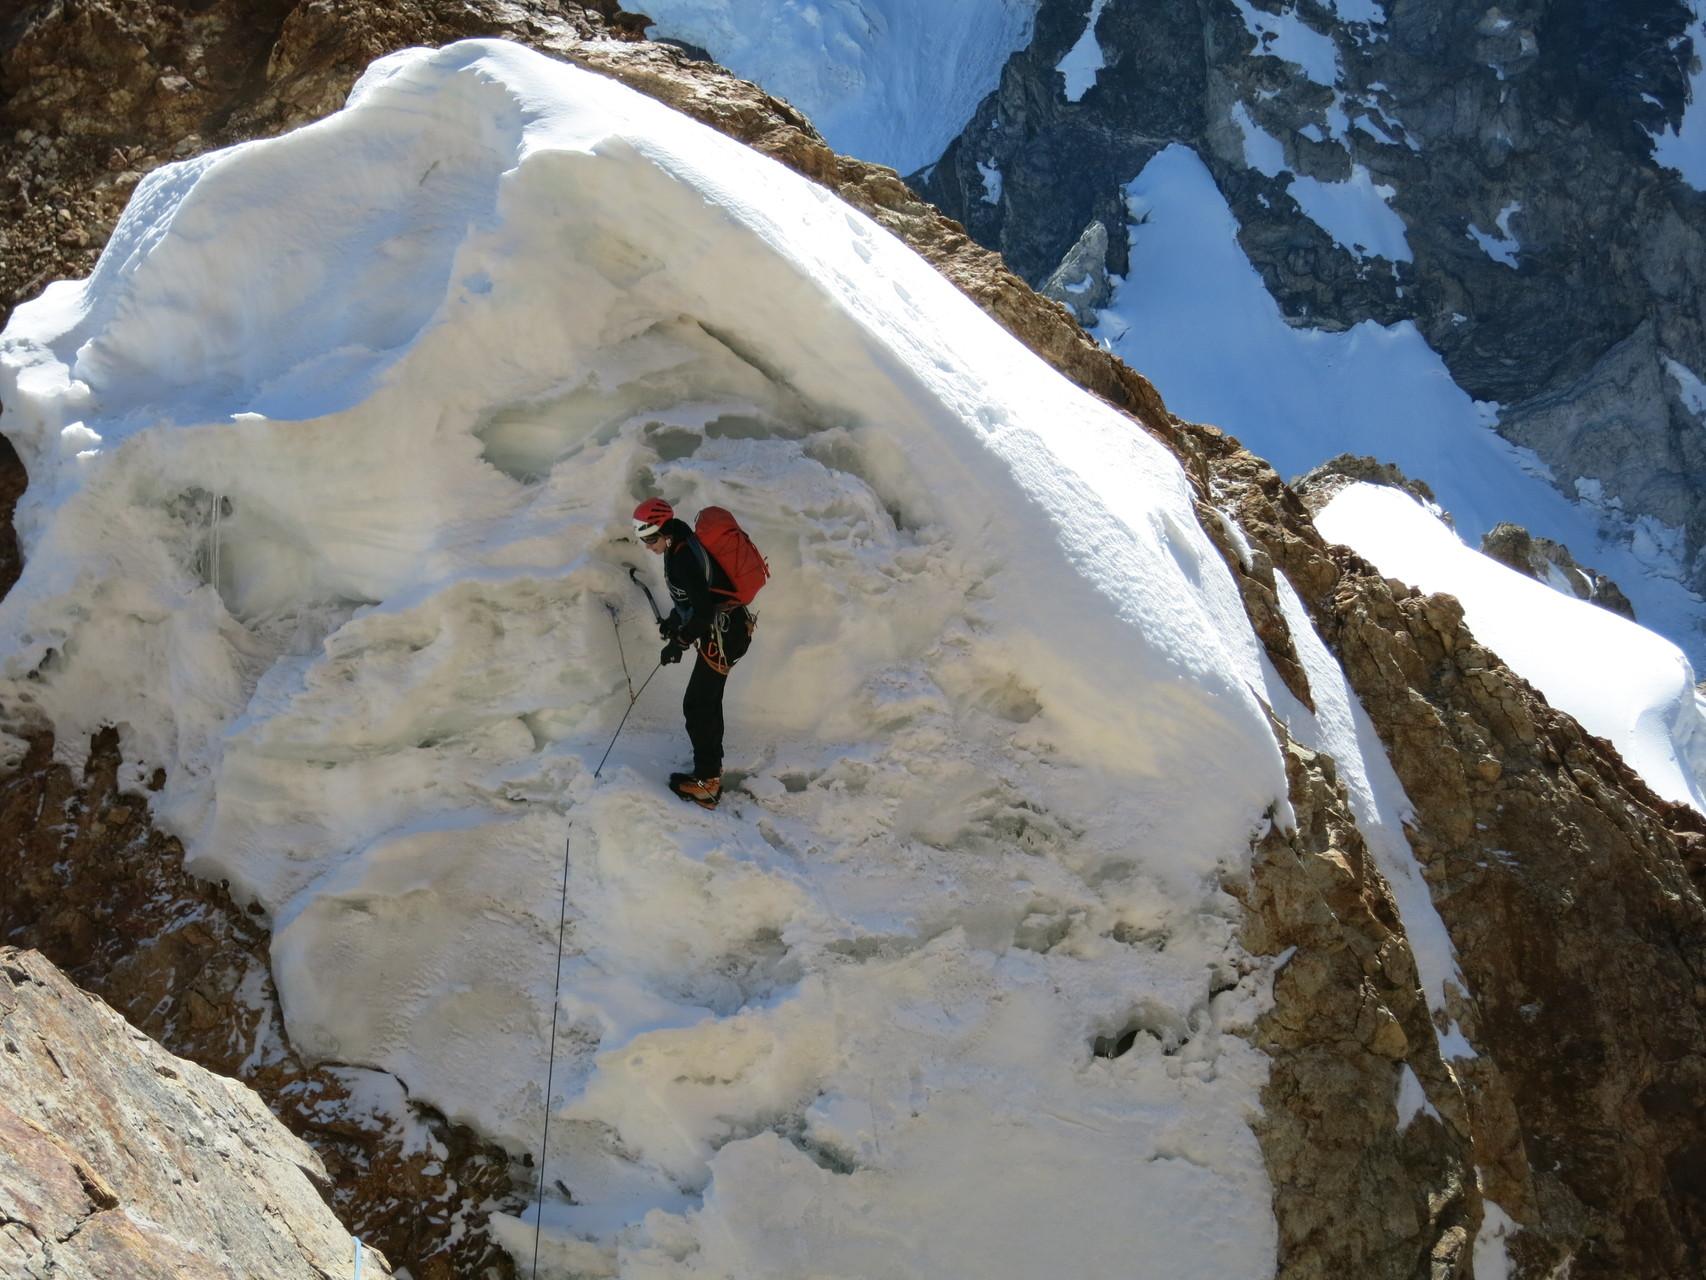 Wunder der Natur... ein Gletscherüberrest